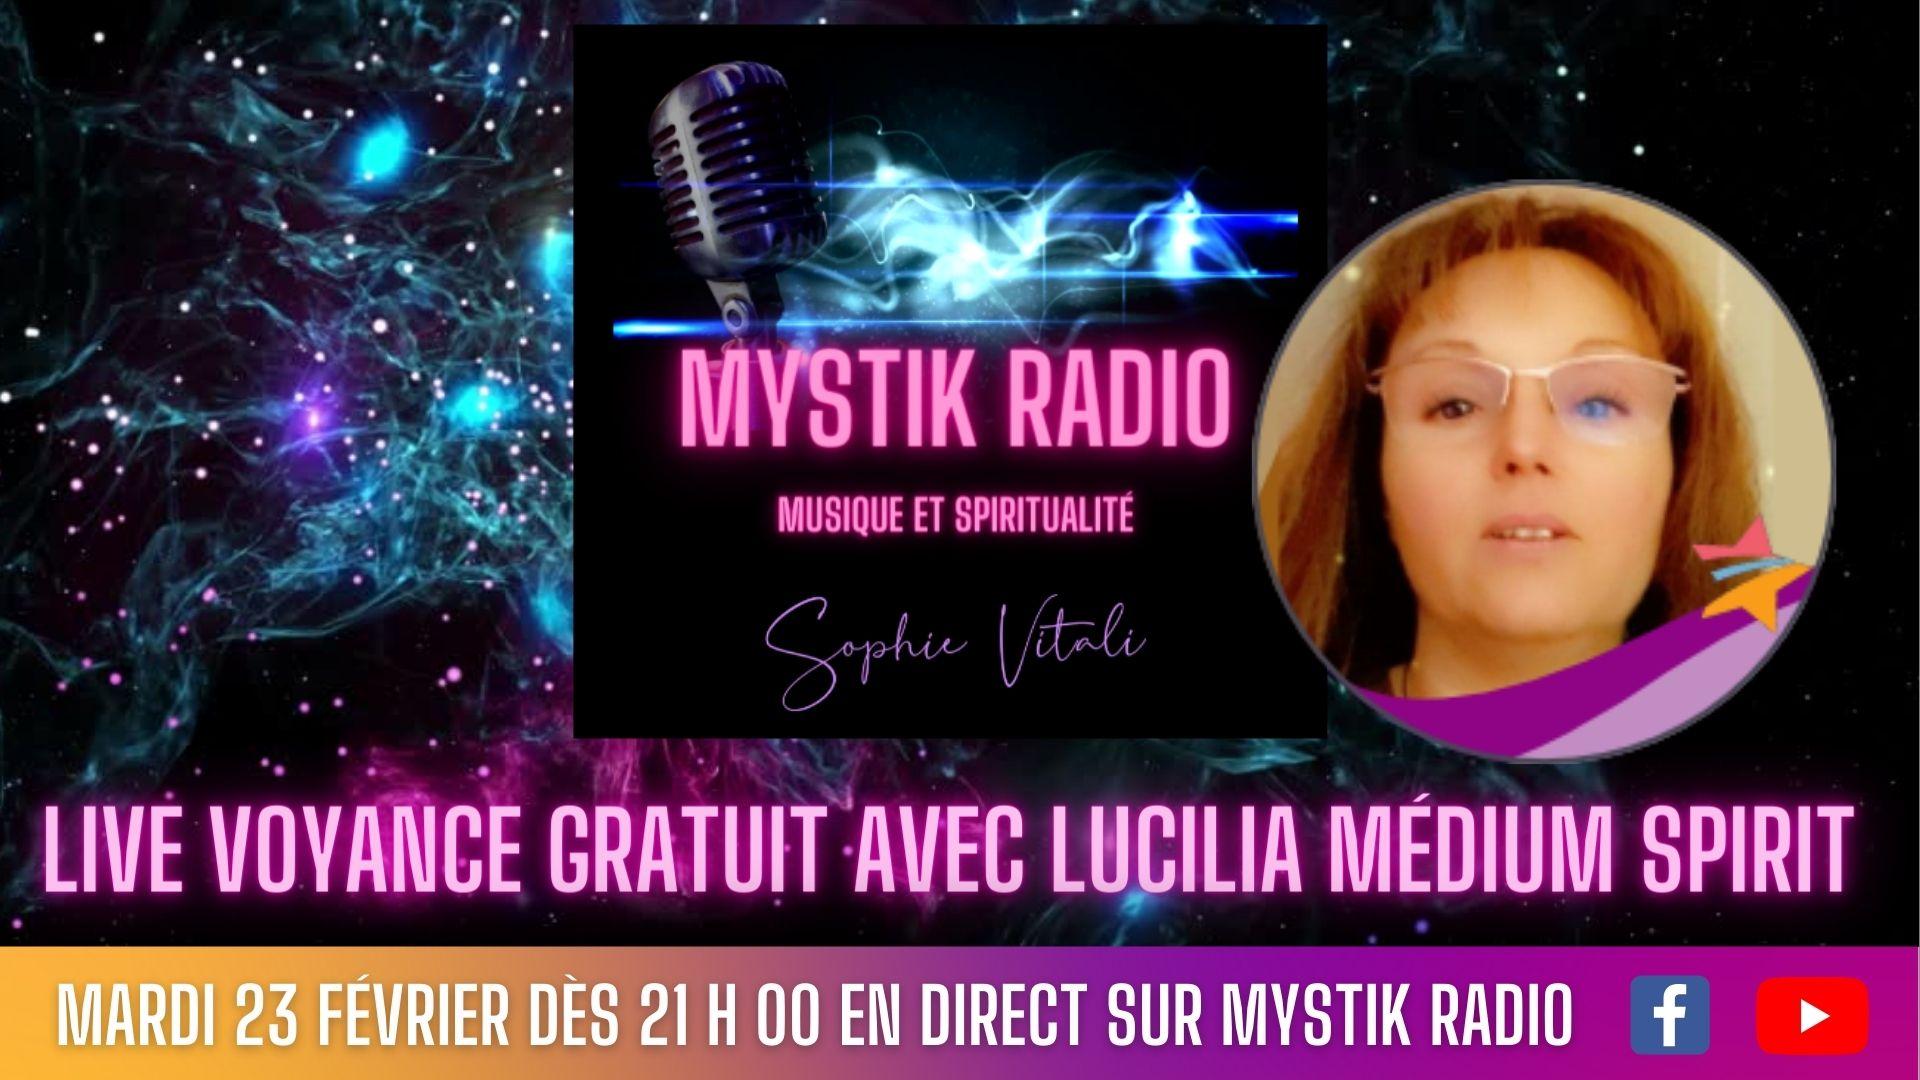 Lucilia médium spirit chez Infinità Corse Voyance en live voyance gratuite sur Mystik Radio et en simultané sur Youtube et Facebook